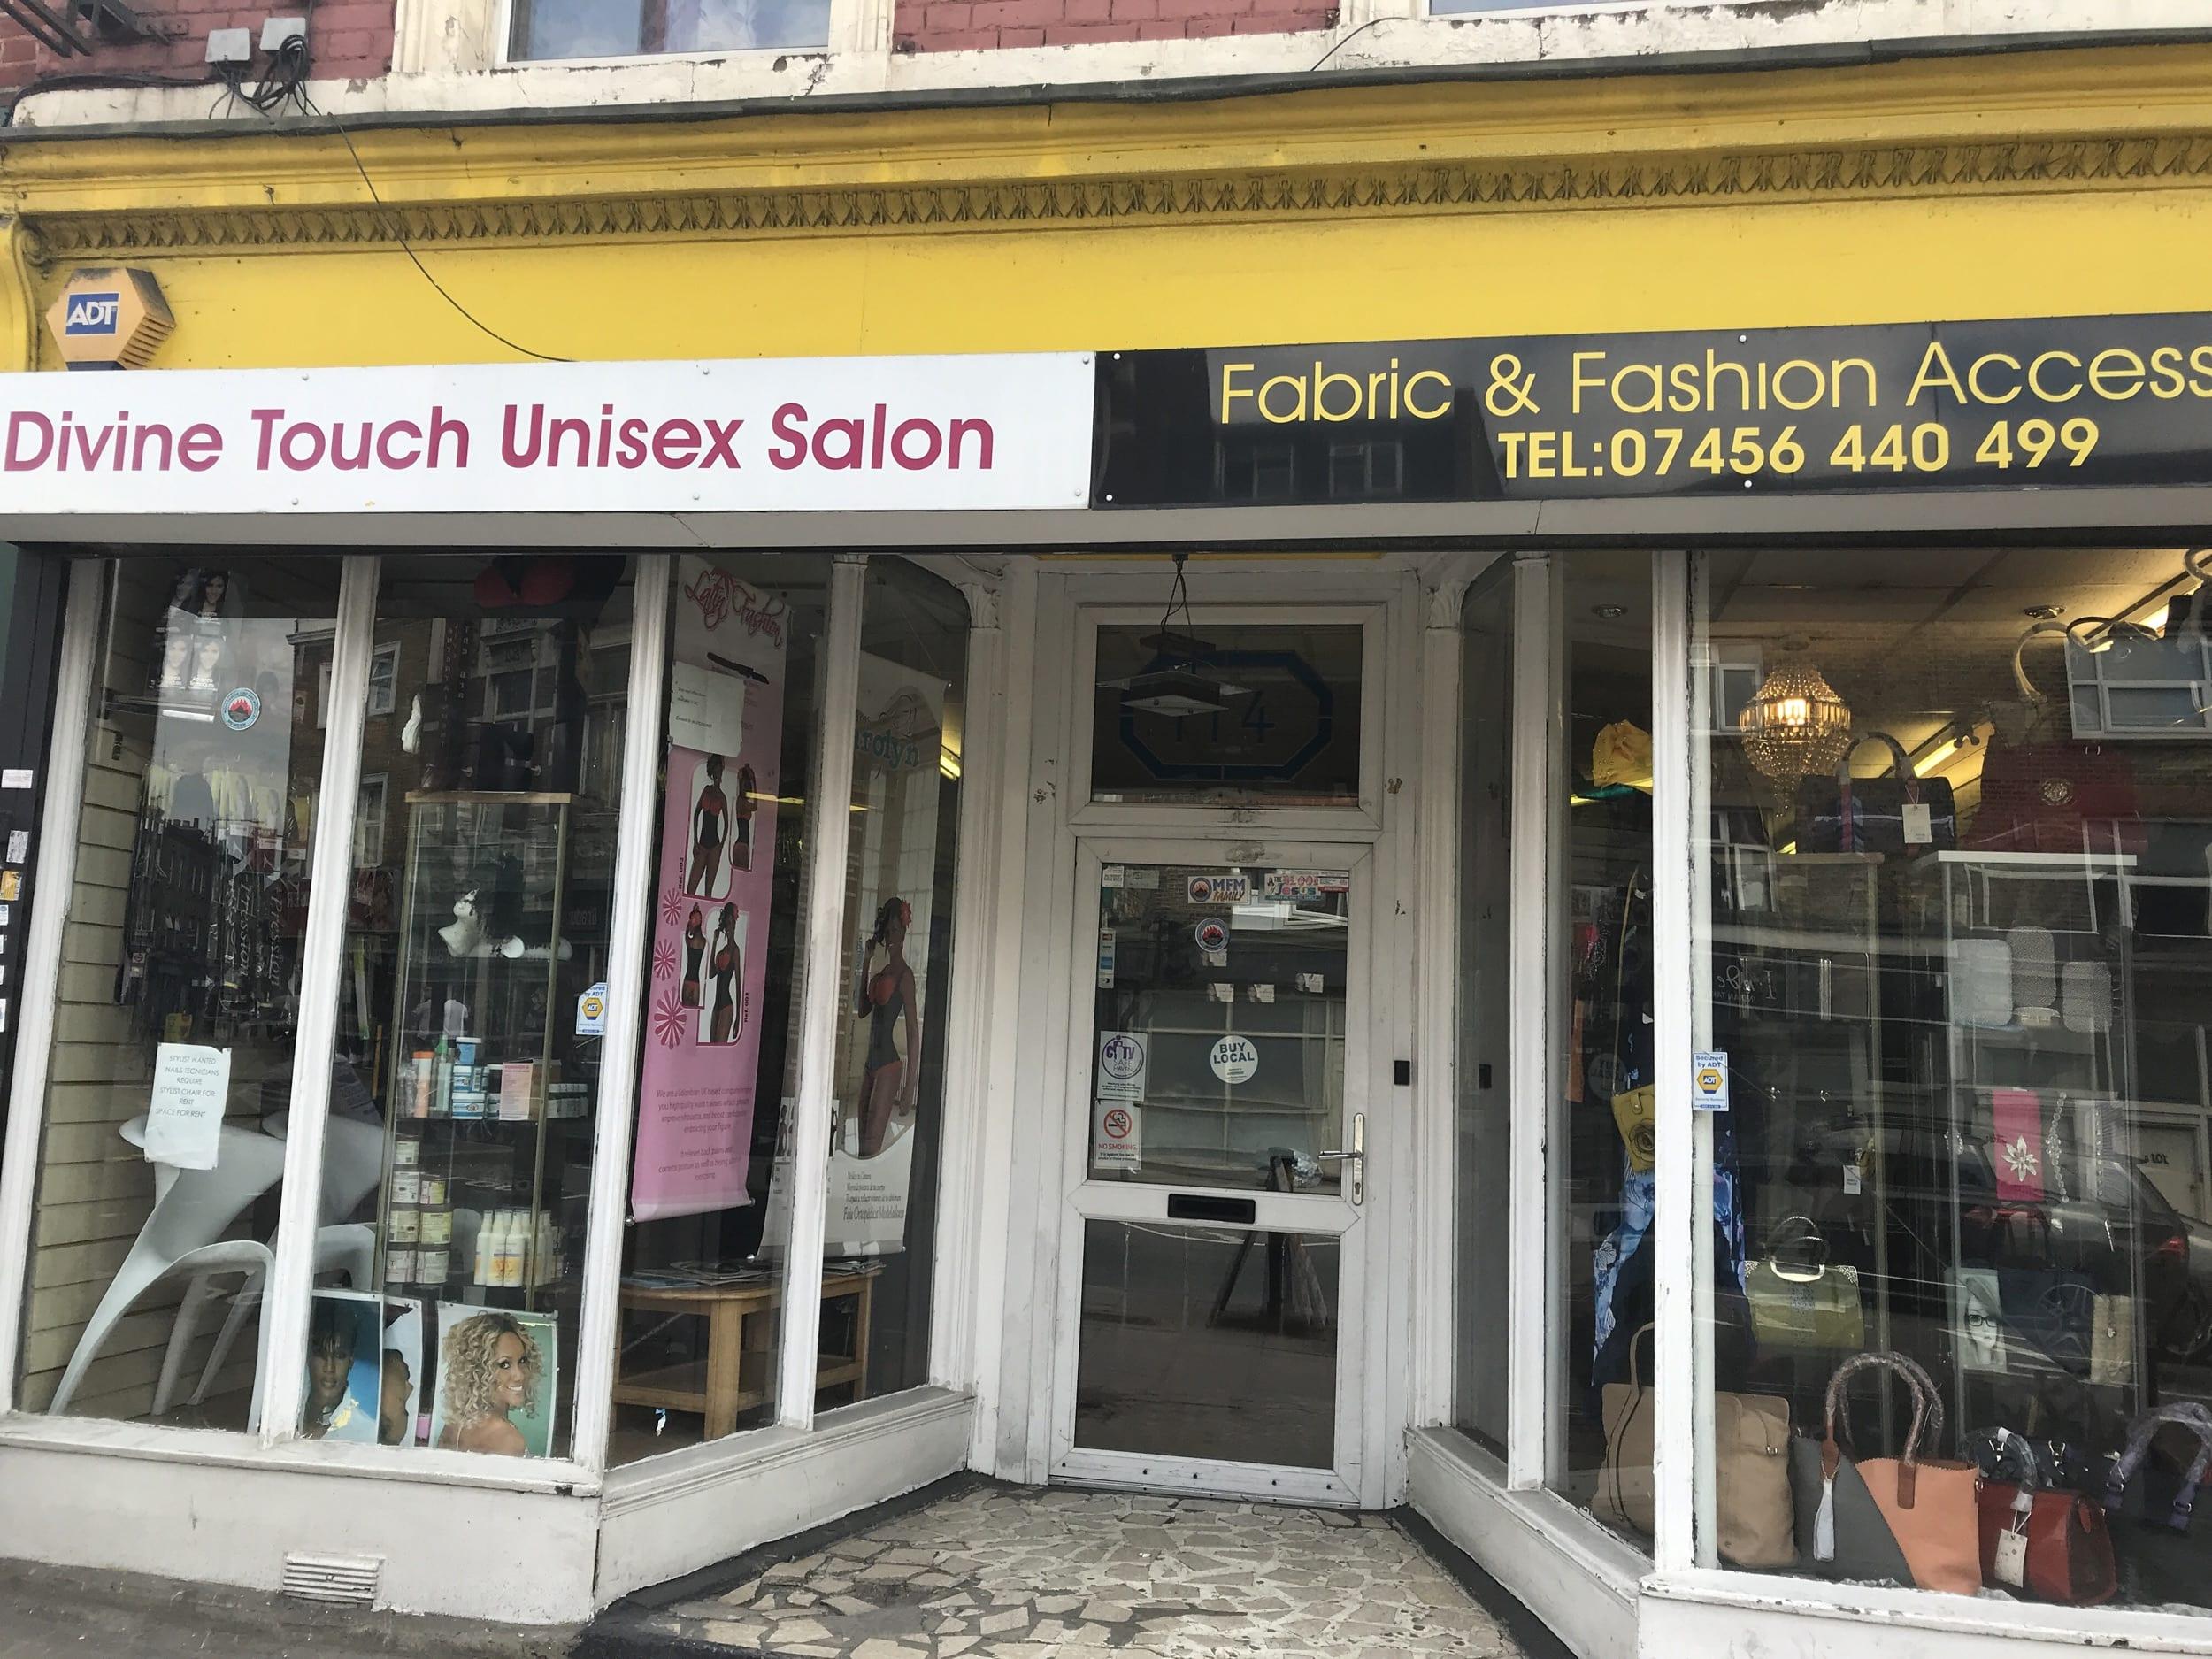 Divine Touch Unisex Salon